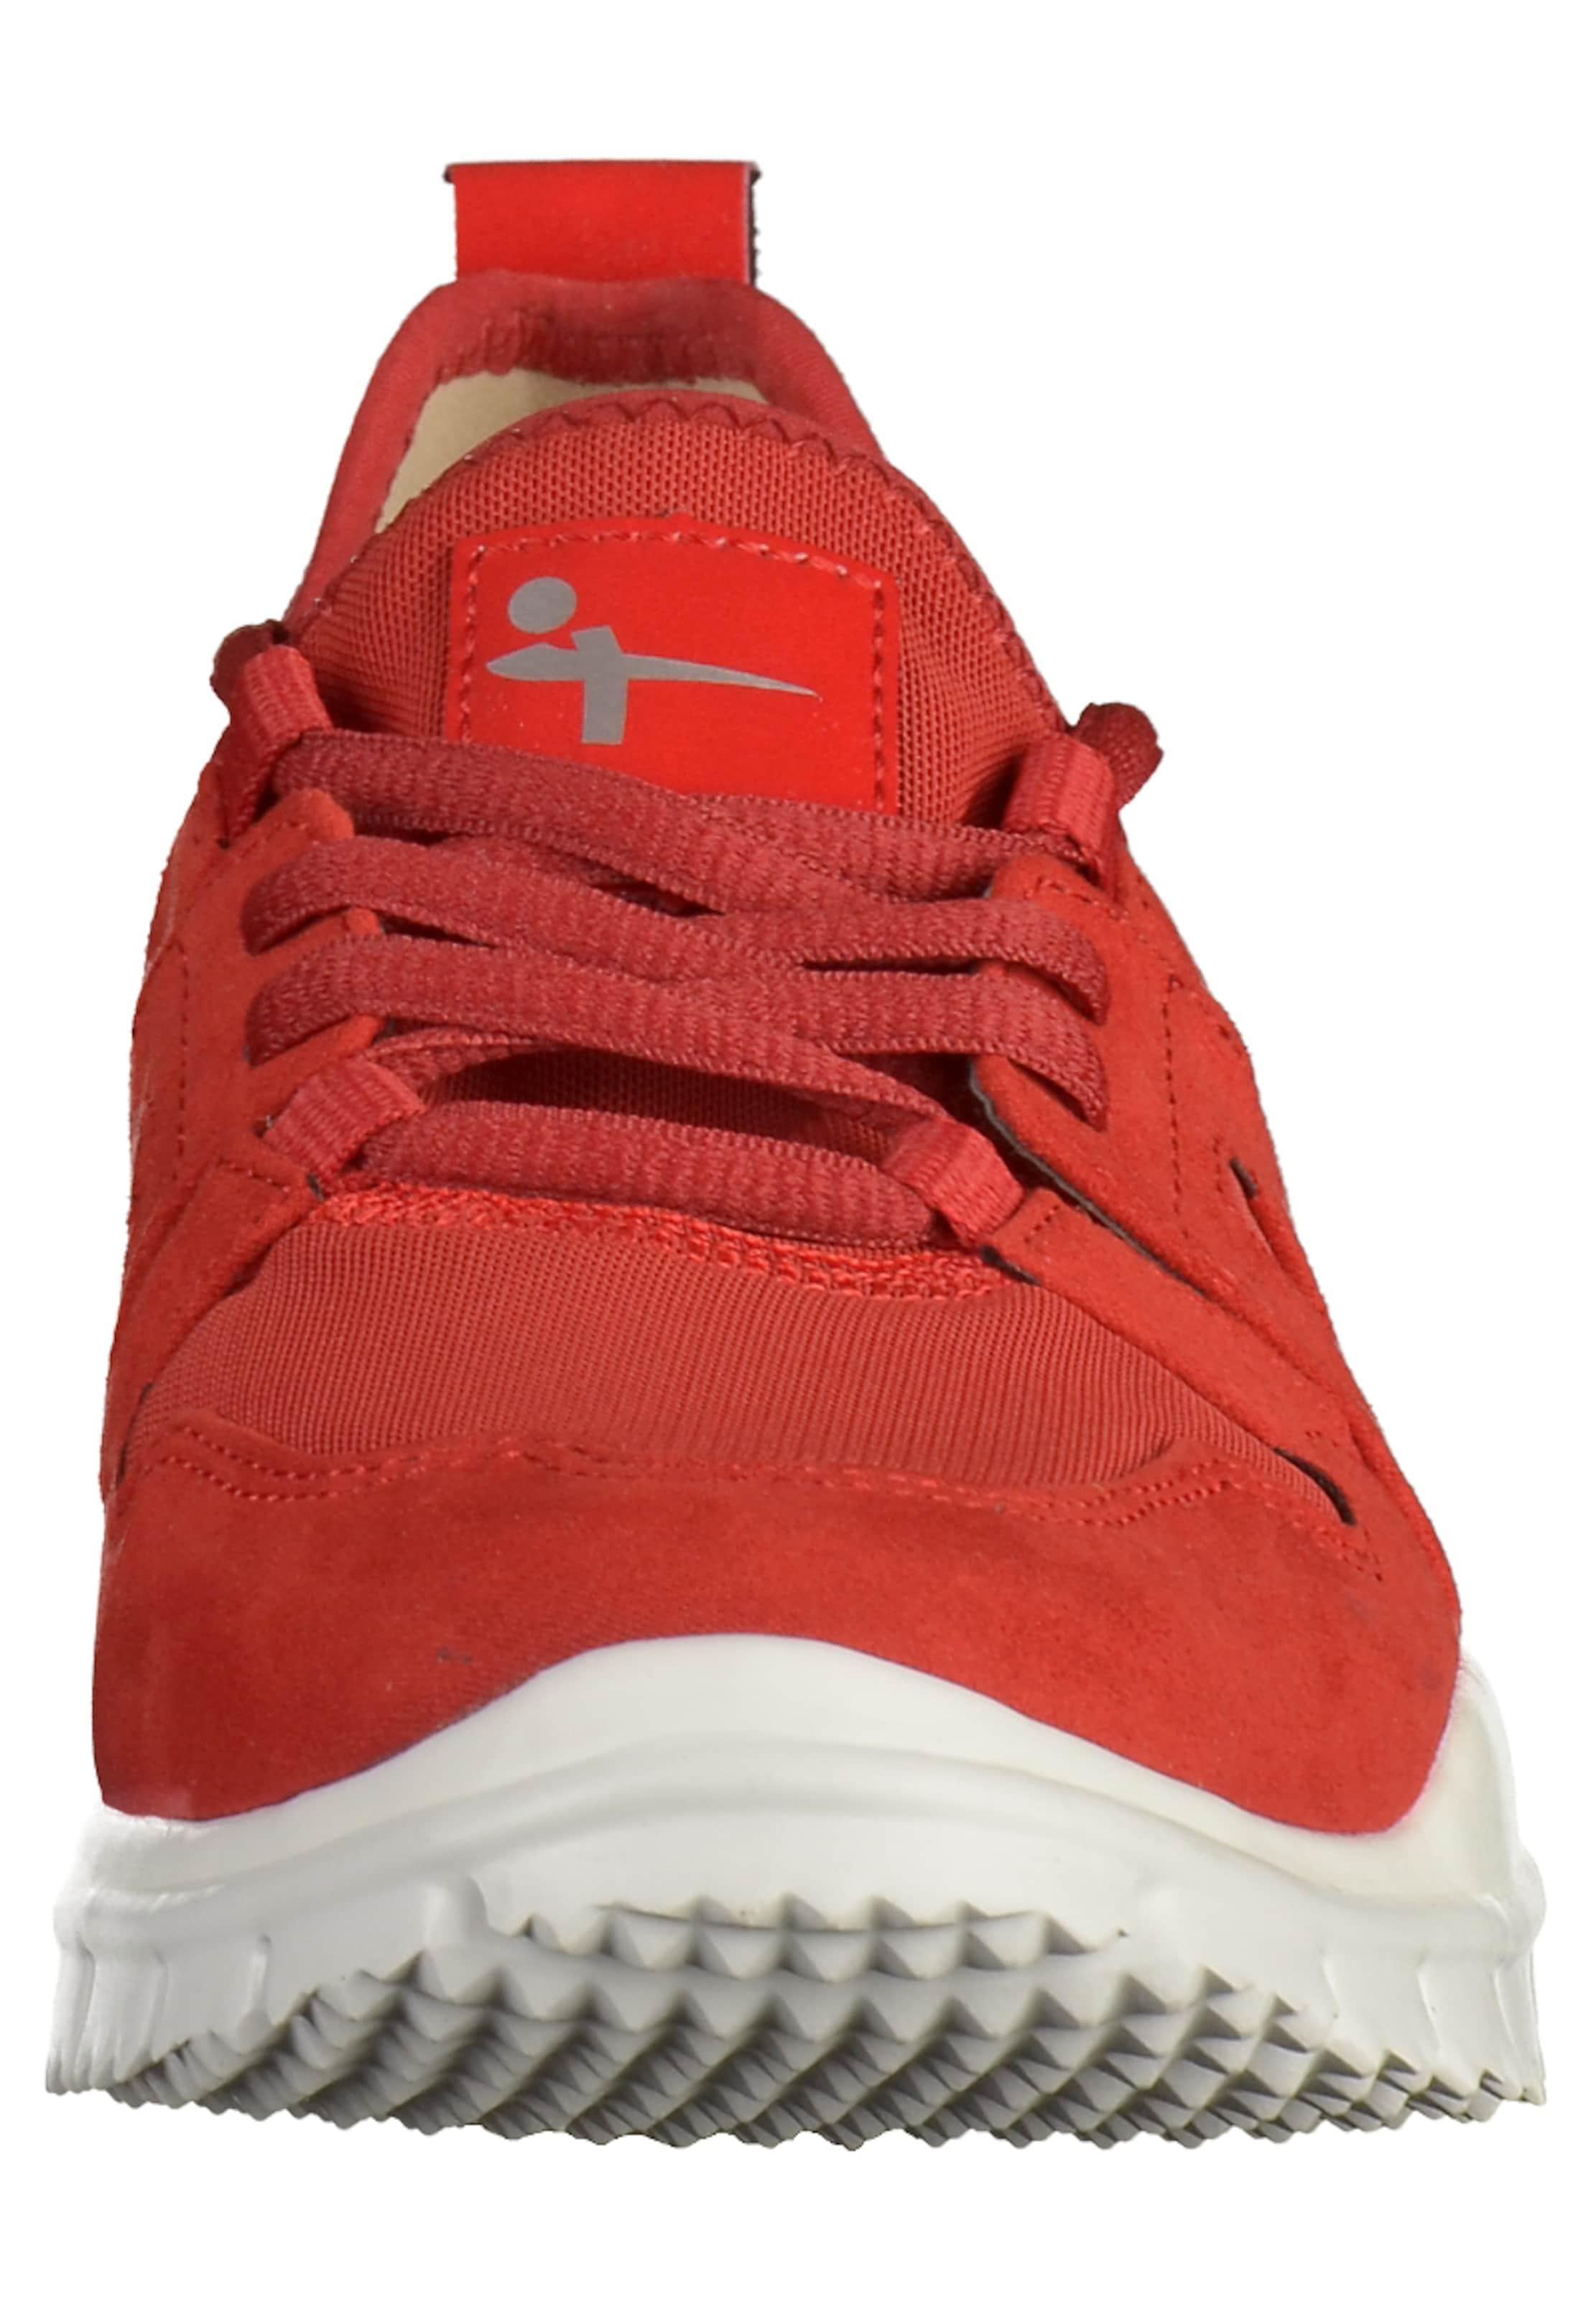 TAMARIS Sneaker 2018 Auslaß Discount-Marke Neue Unisex Finden Große Online Rabatt Shop-Angebot Erhalten Zu Kaufen 8rBRbKJJ